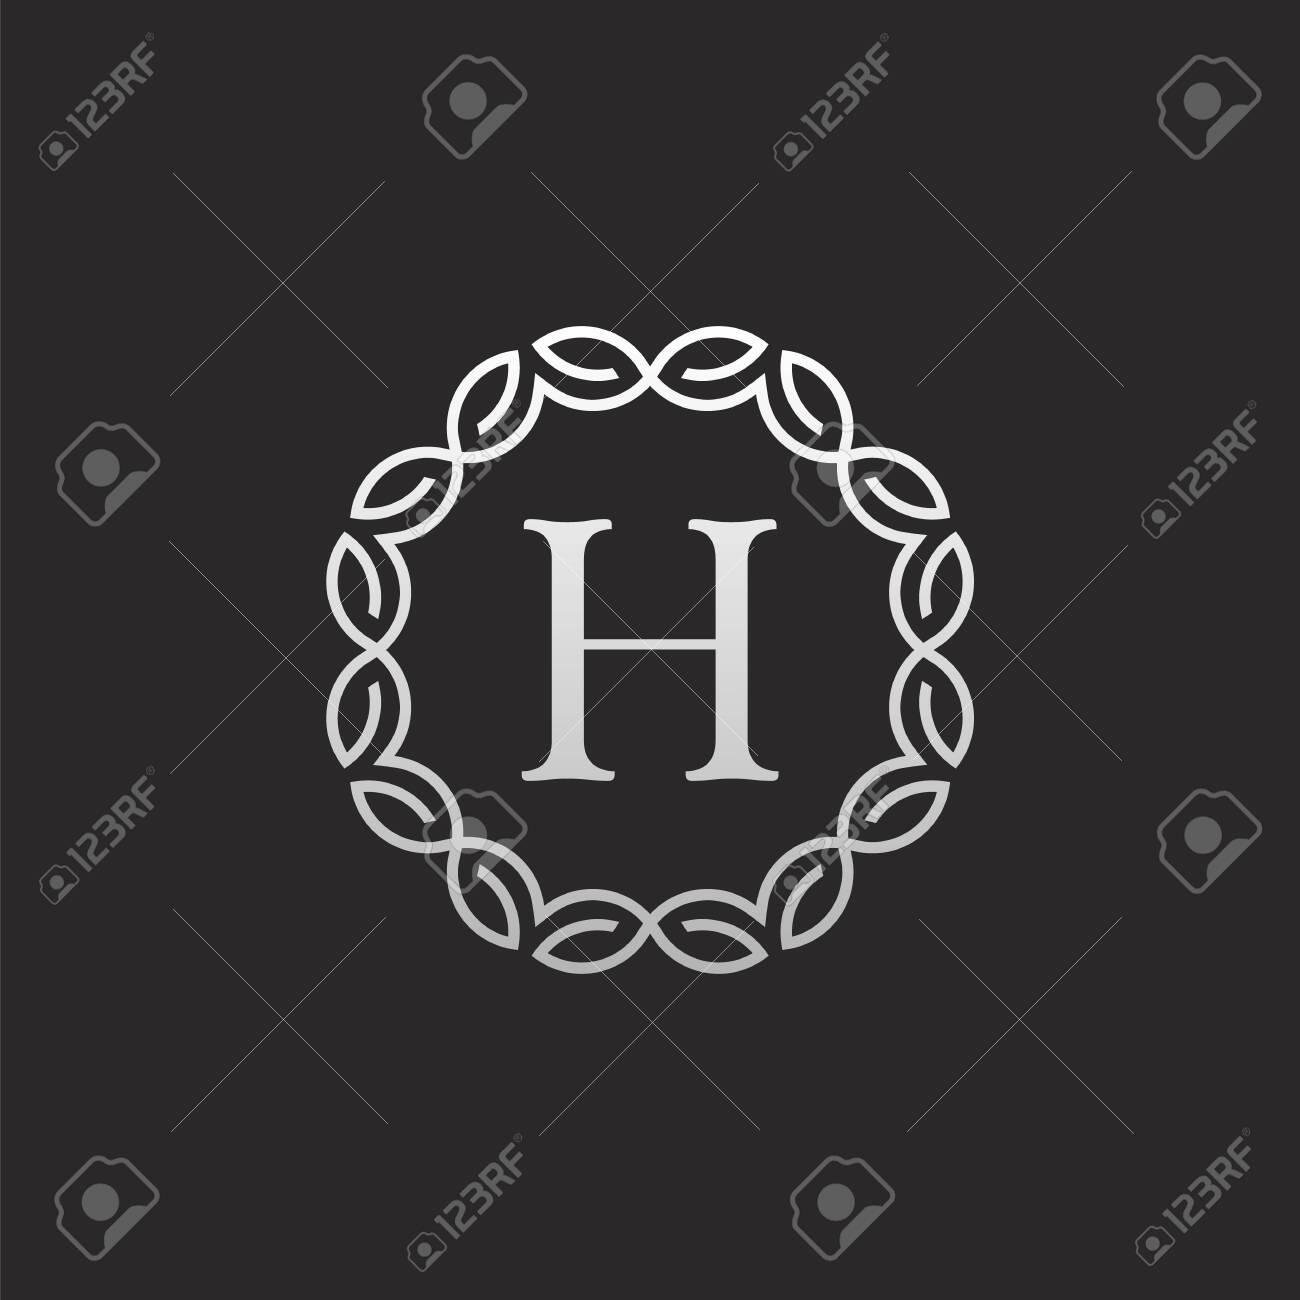 Luxury Letter H logo Design - 145066444